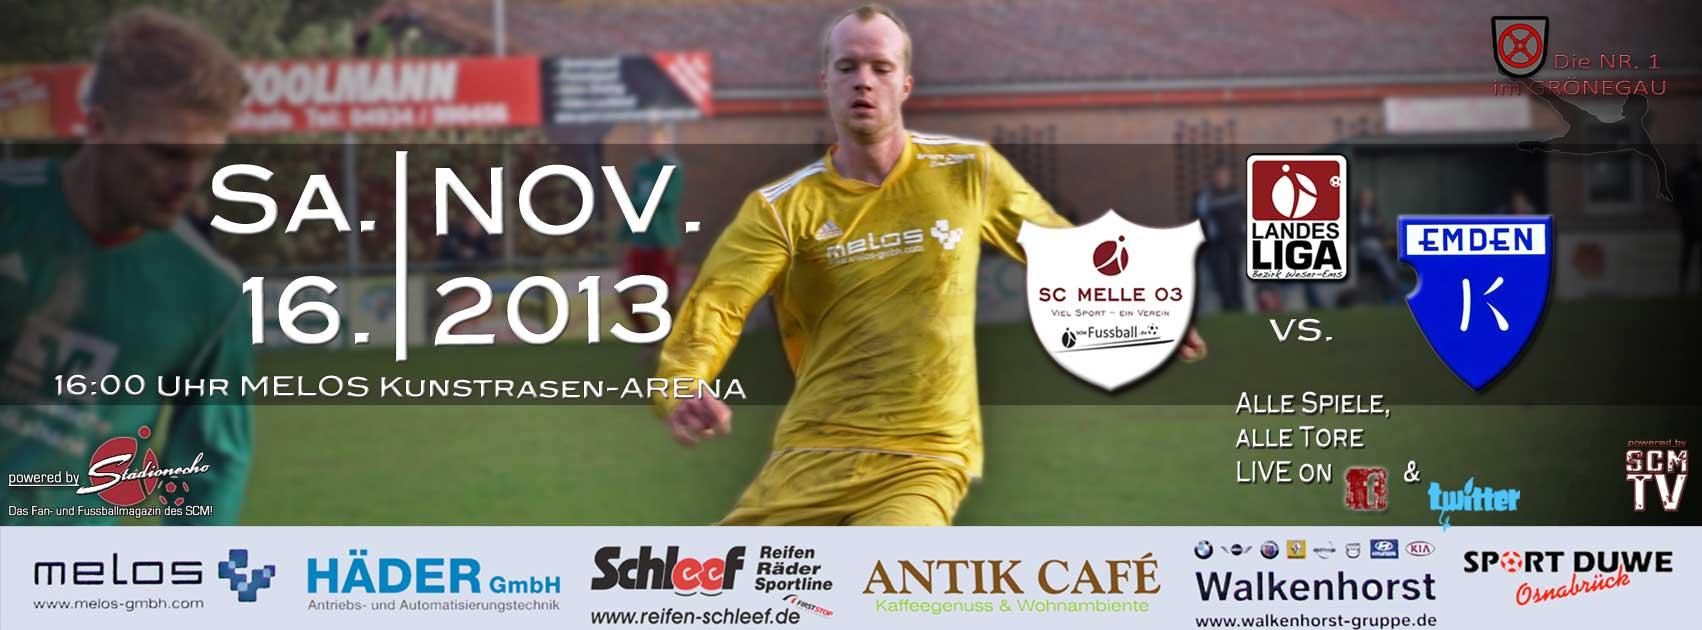 Als Favorit Gegen Bsv Kickers Emden Sc Melle 03 Fussball